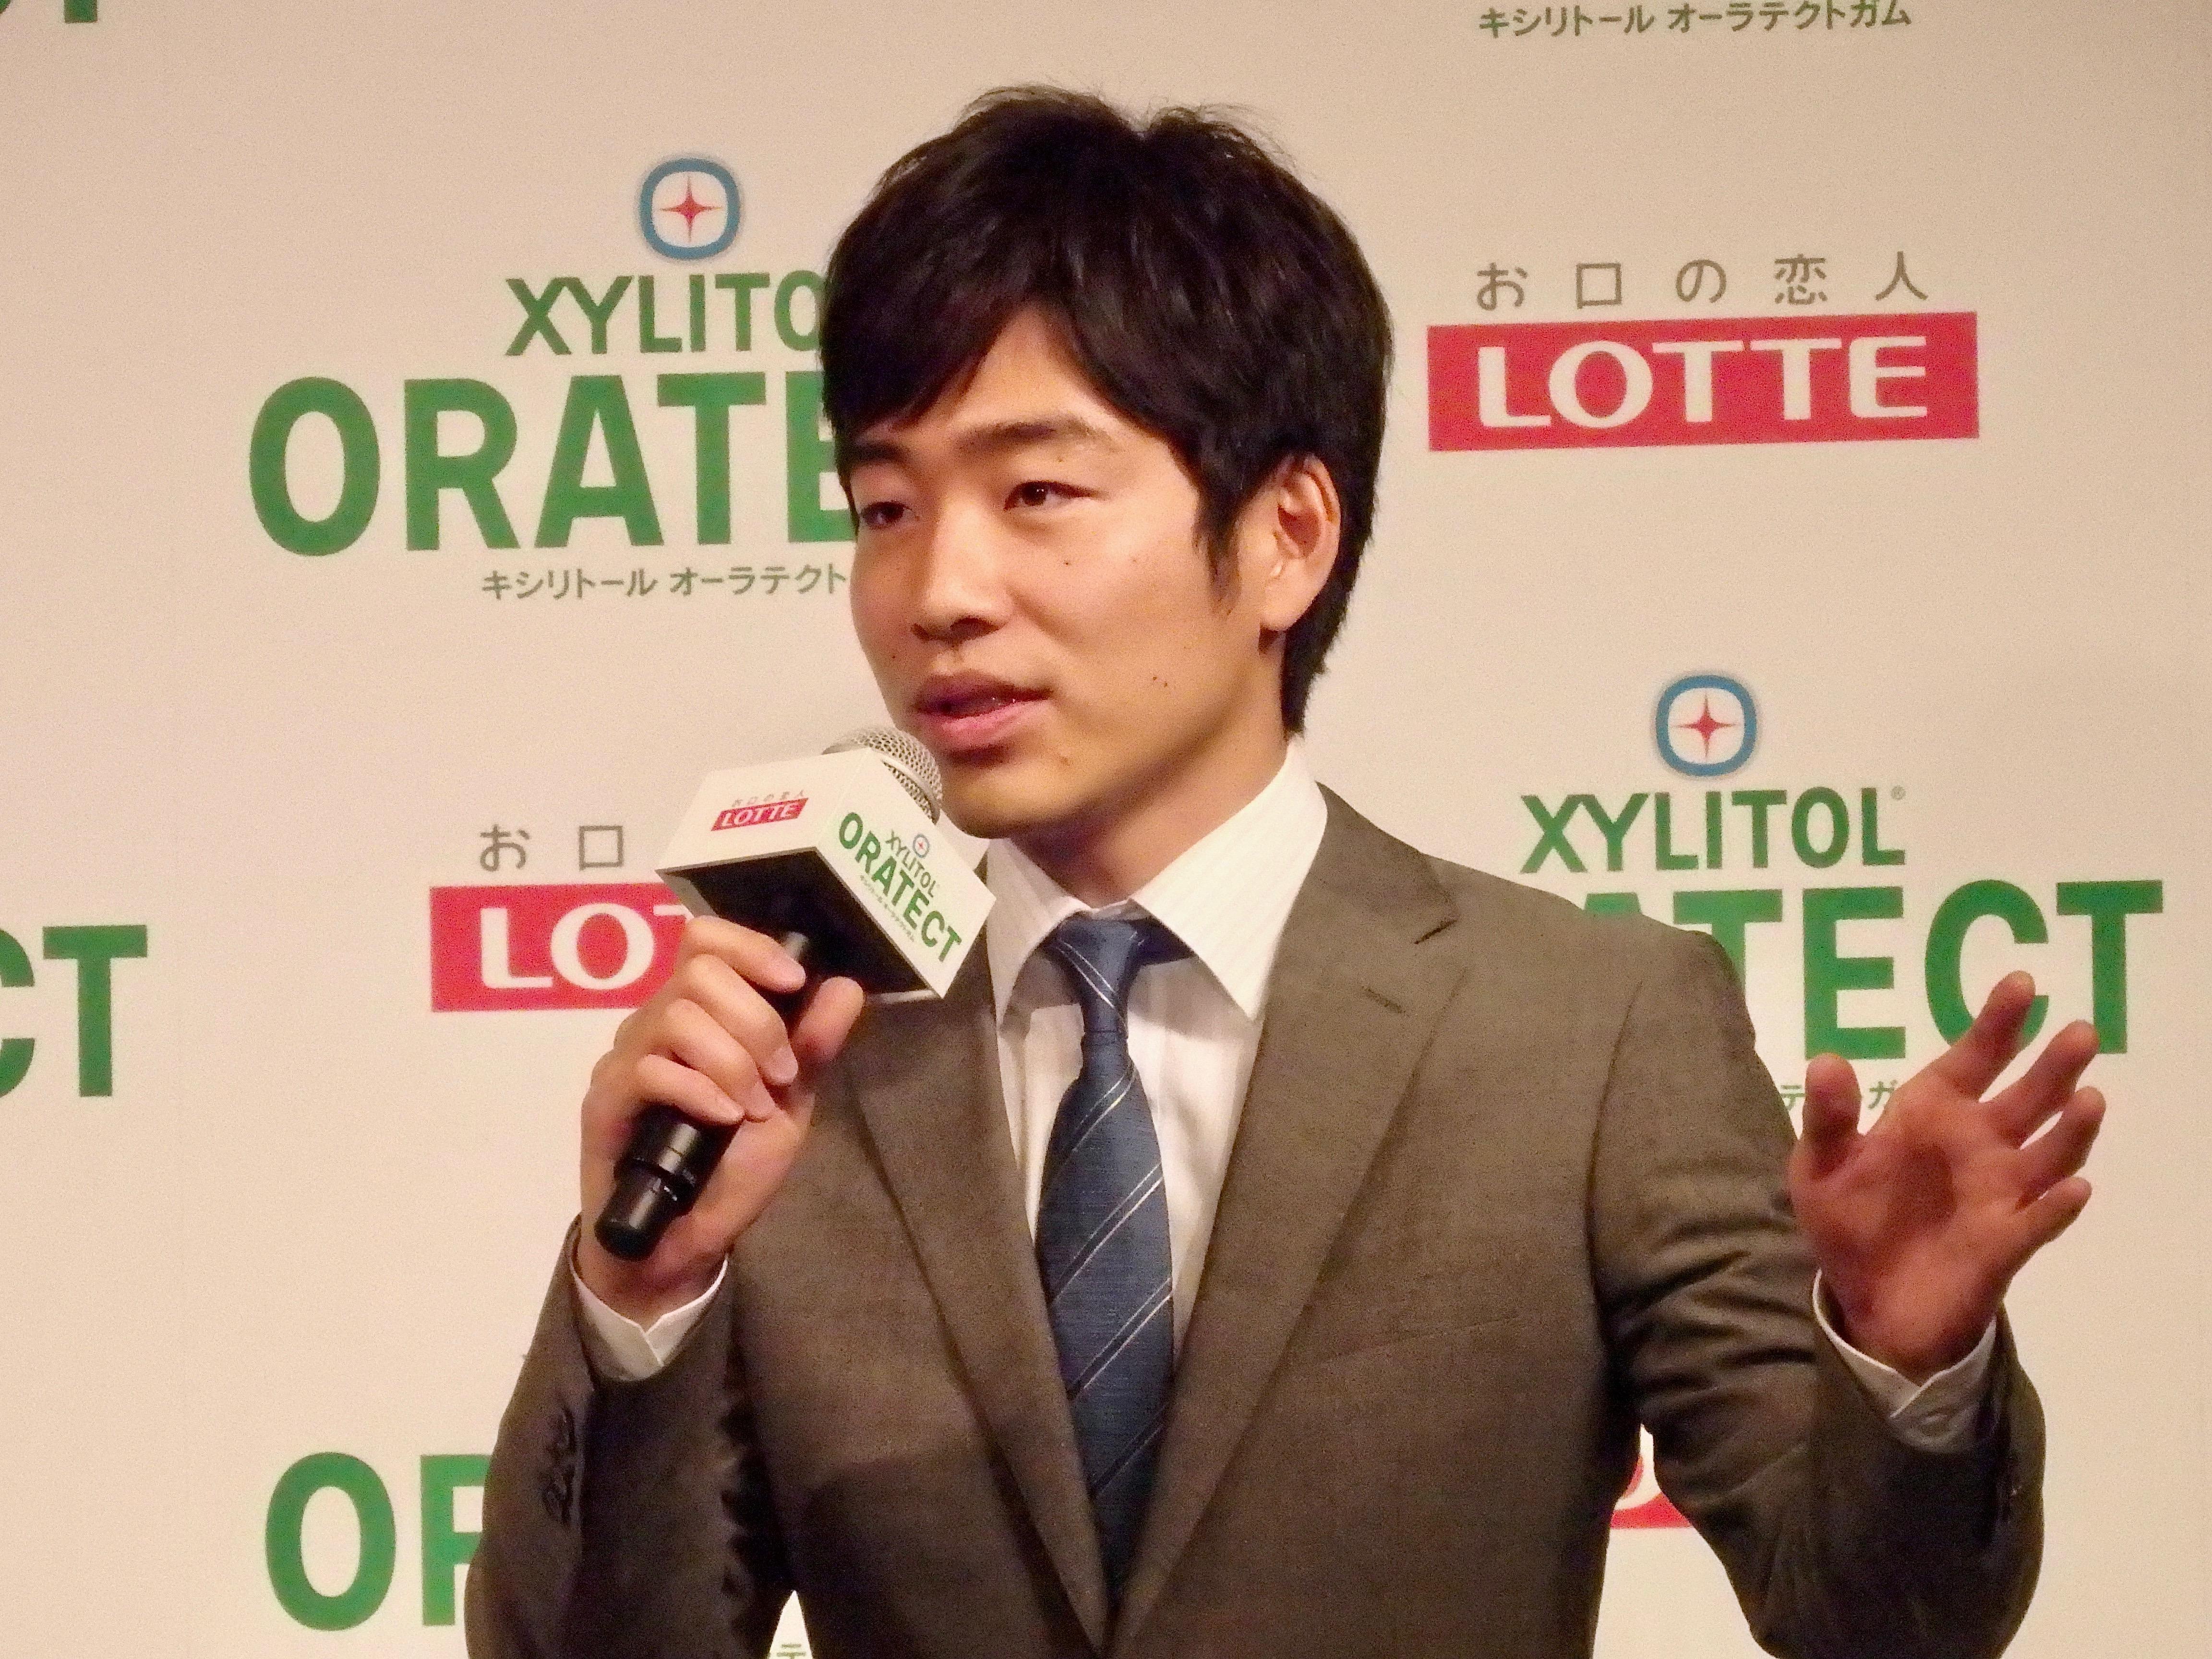 http://news.yoshimoto.co.jp/20170314200205-a15c4c83c37260cd6d70e6e32d8e7b5c6c942aed.jpg